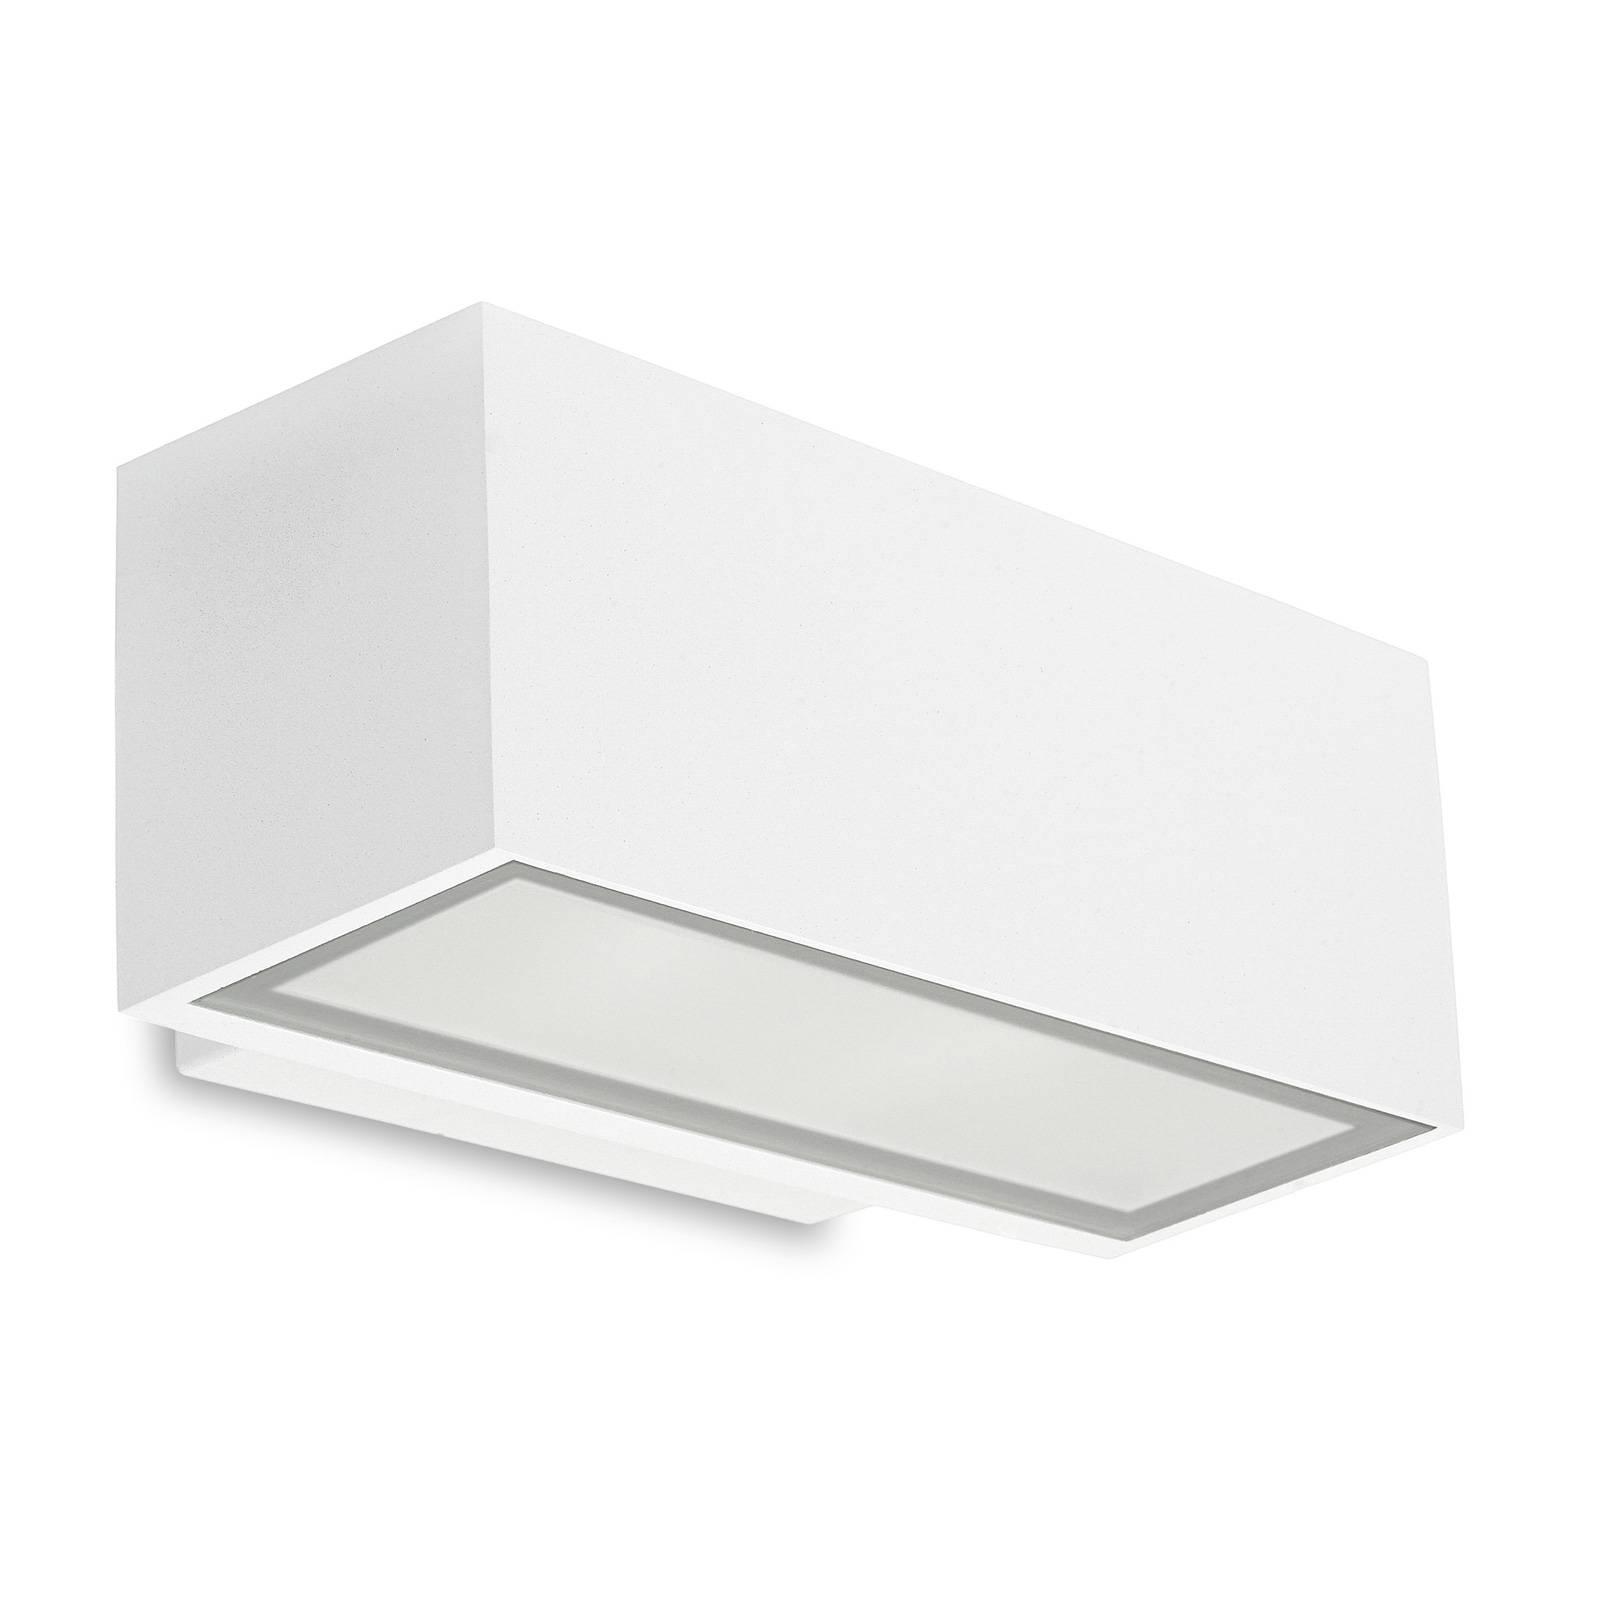 LEDS-C4 Afrodita buitenwandlamp, down, wit